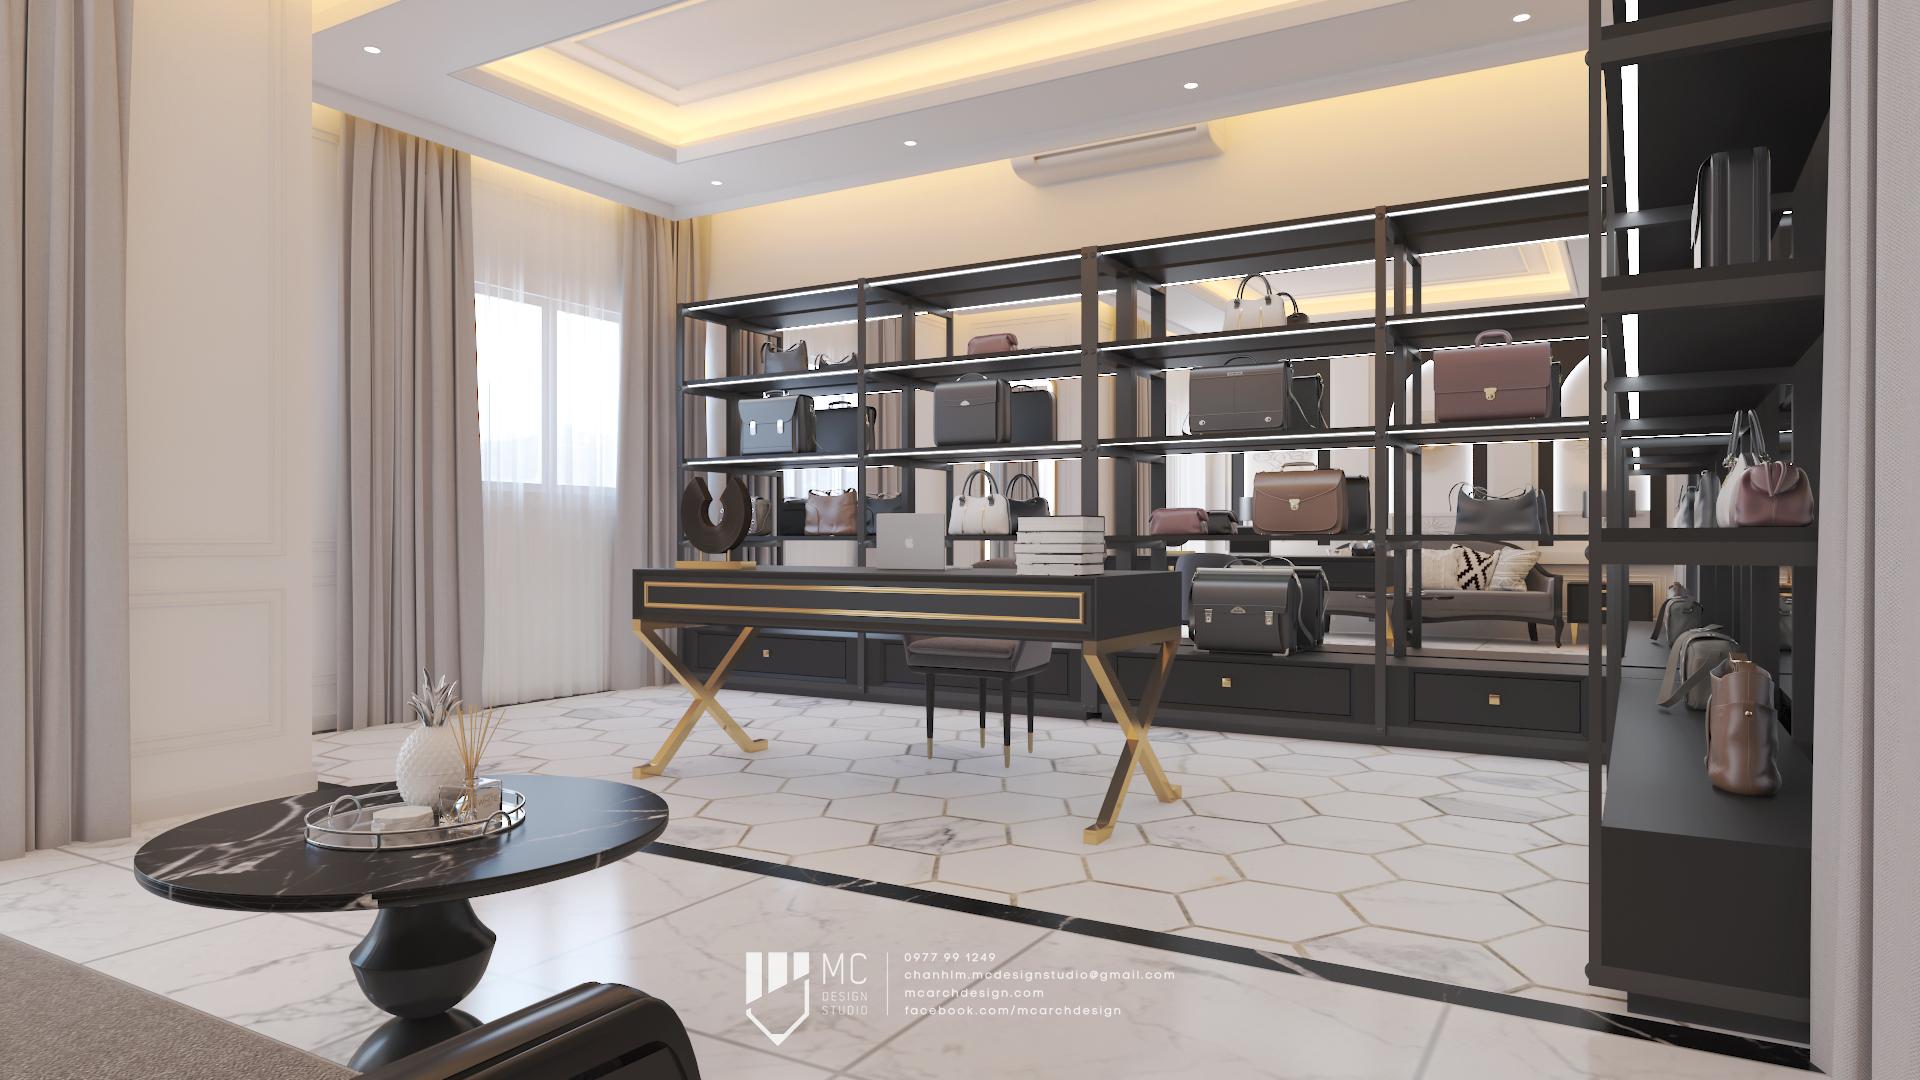 Thiết kế nội thất Nhà Mặt Phố tại Hồ Chí Minh Rosita Q9 1590741785 7